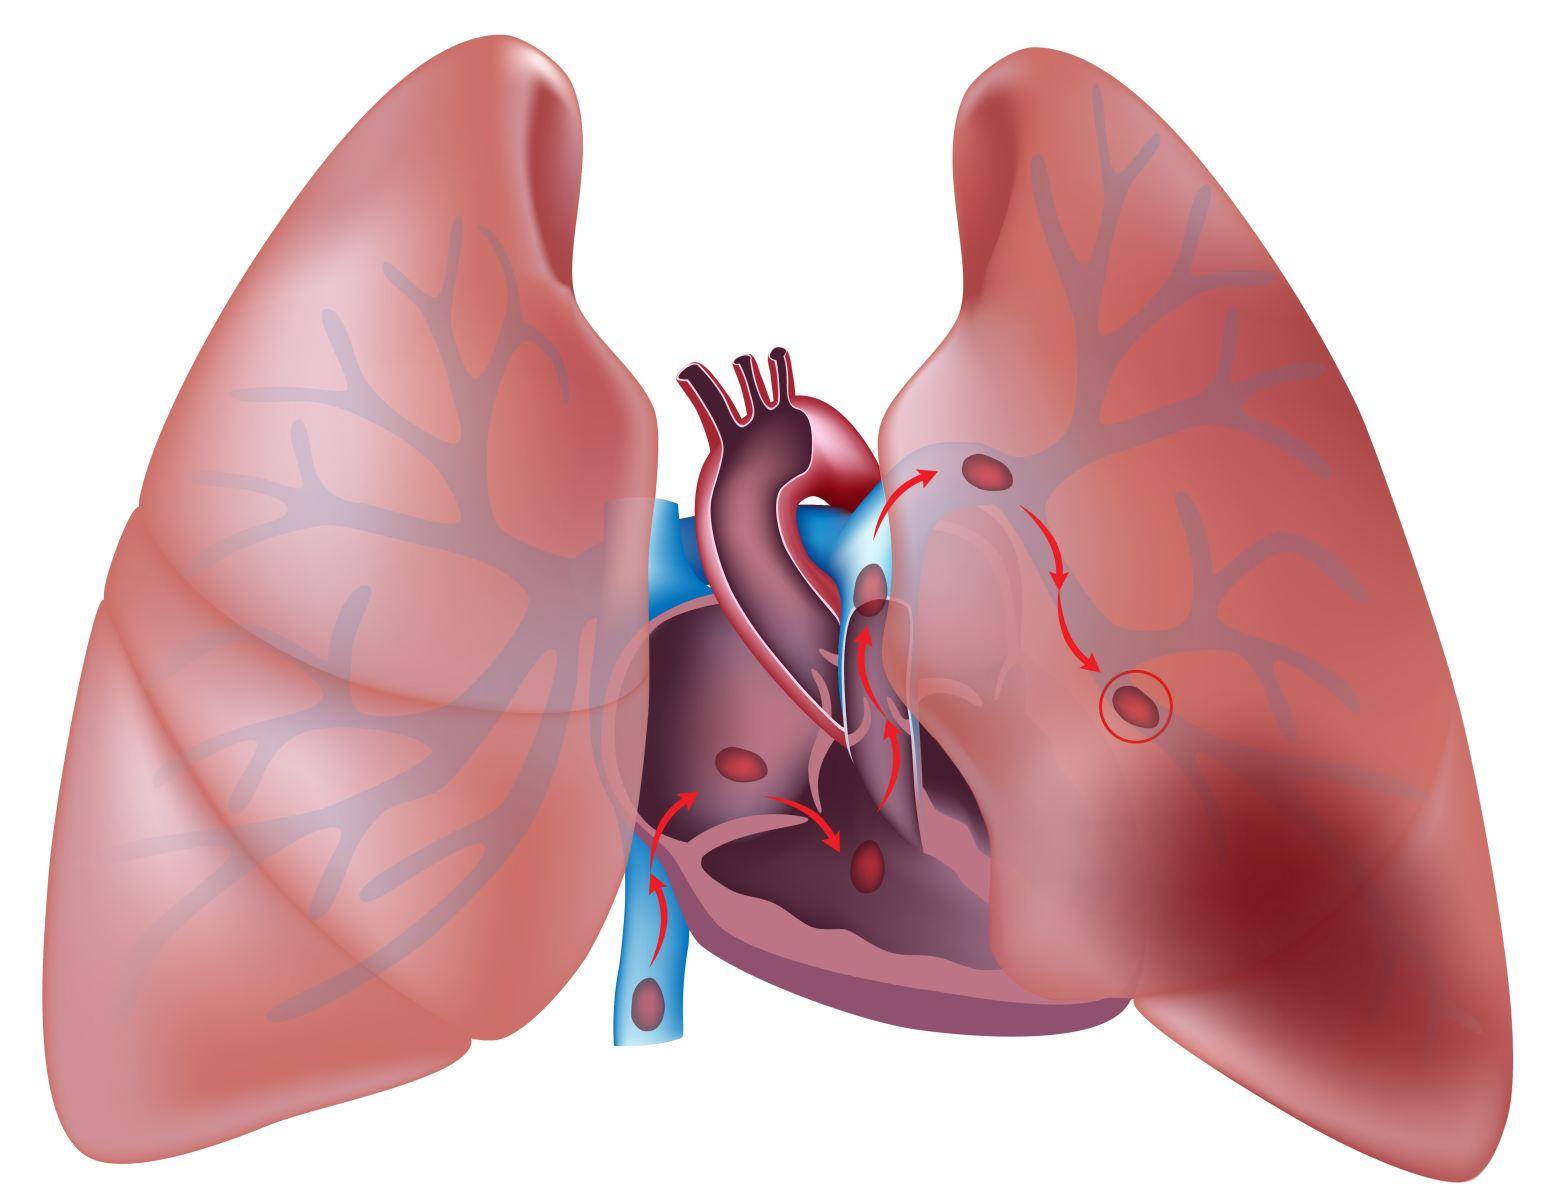 Лечебные мероприятия при тромбоэмболии легочной артерии